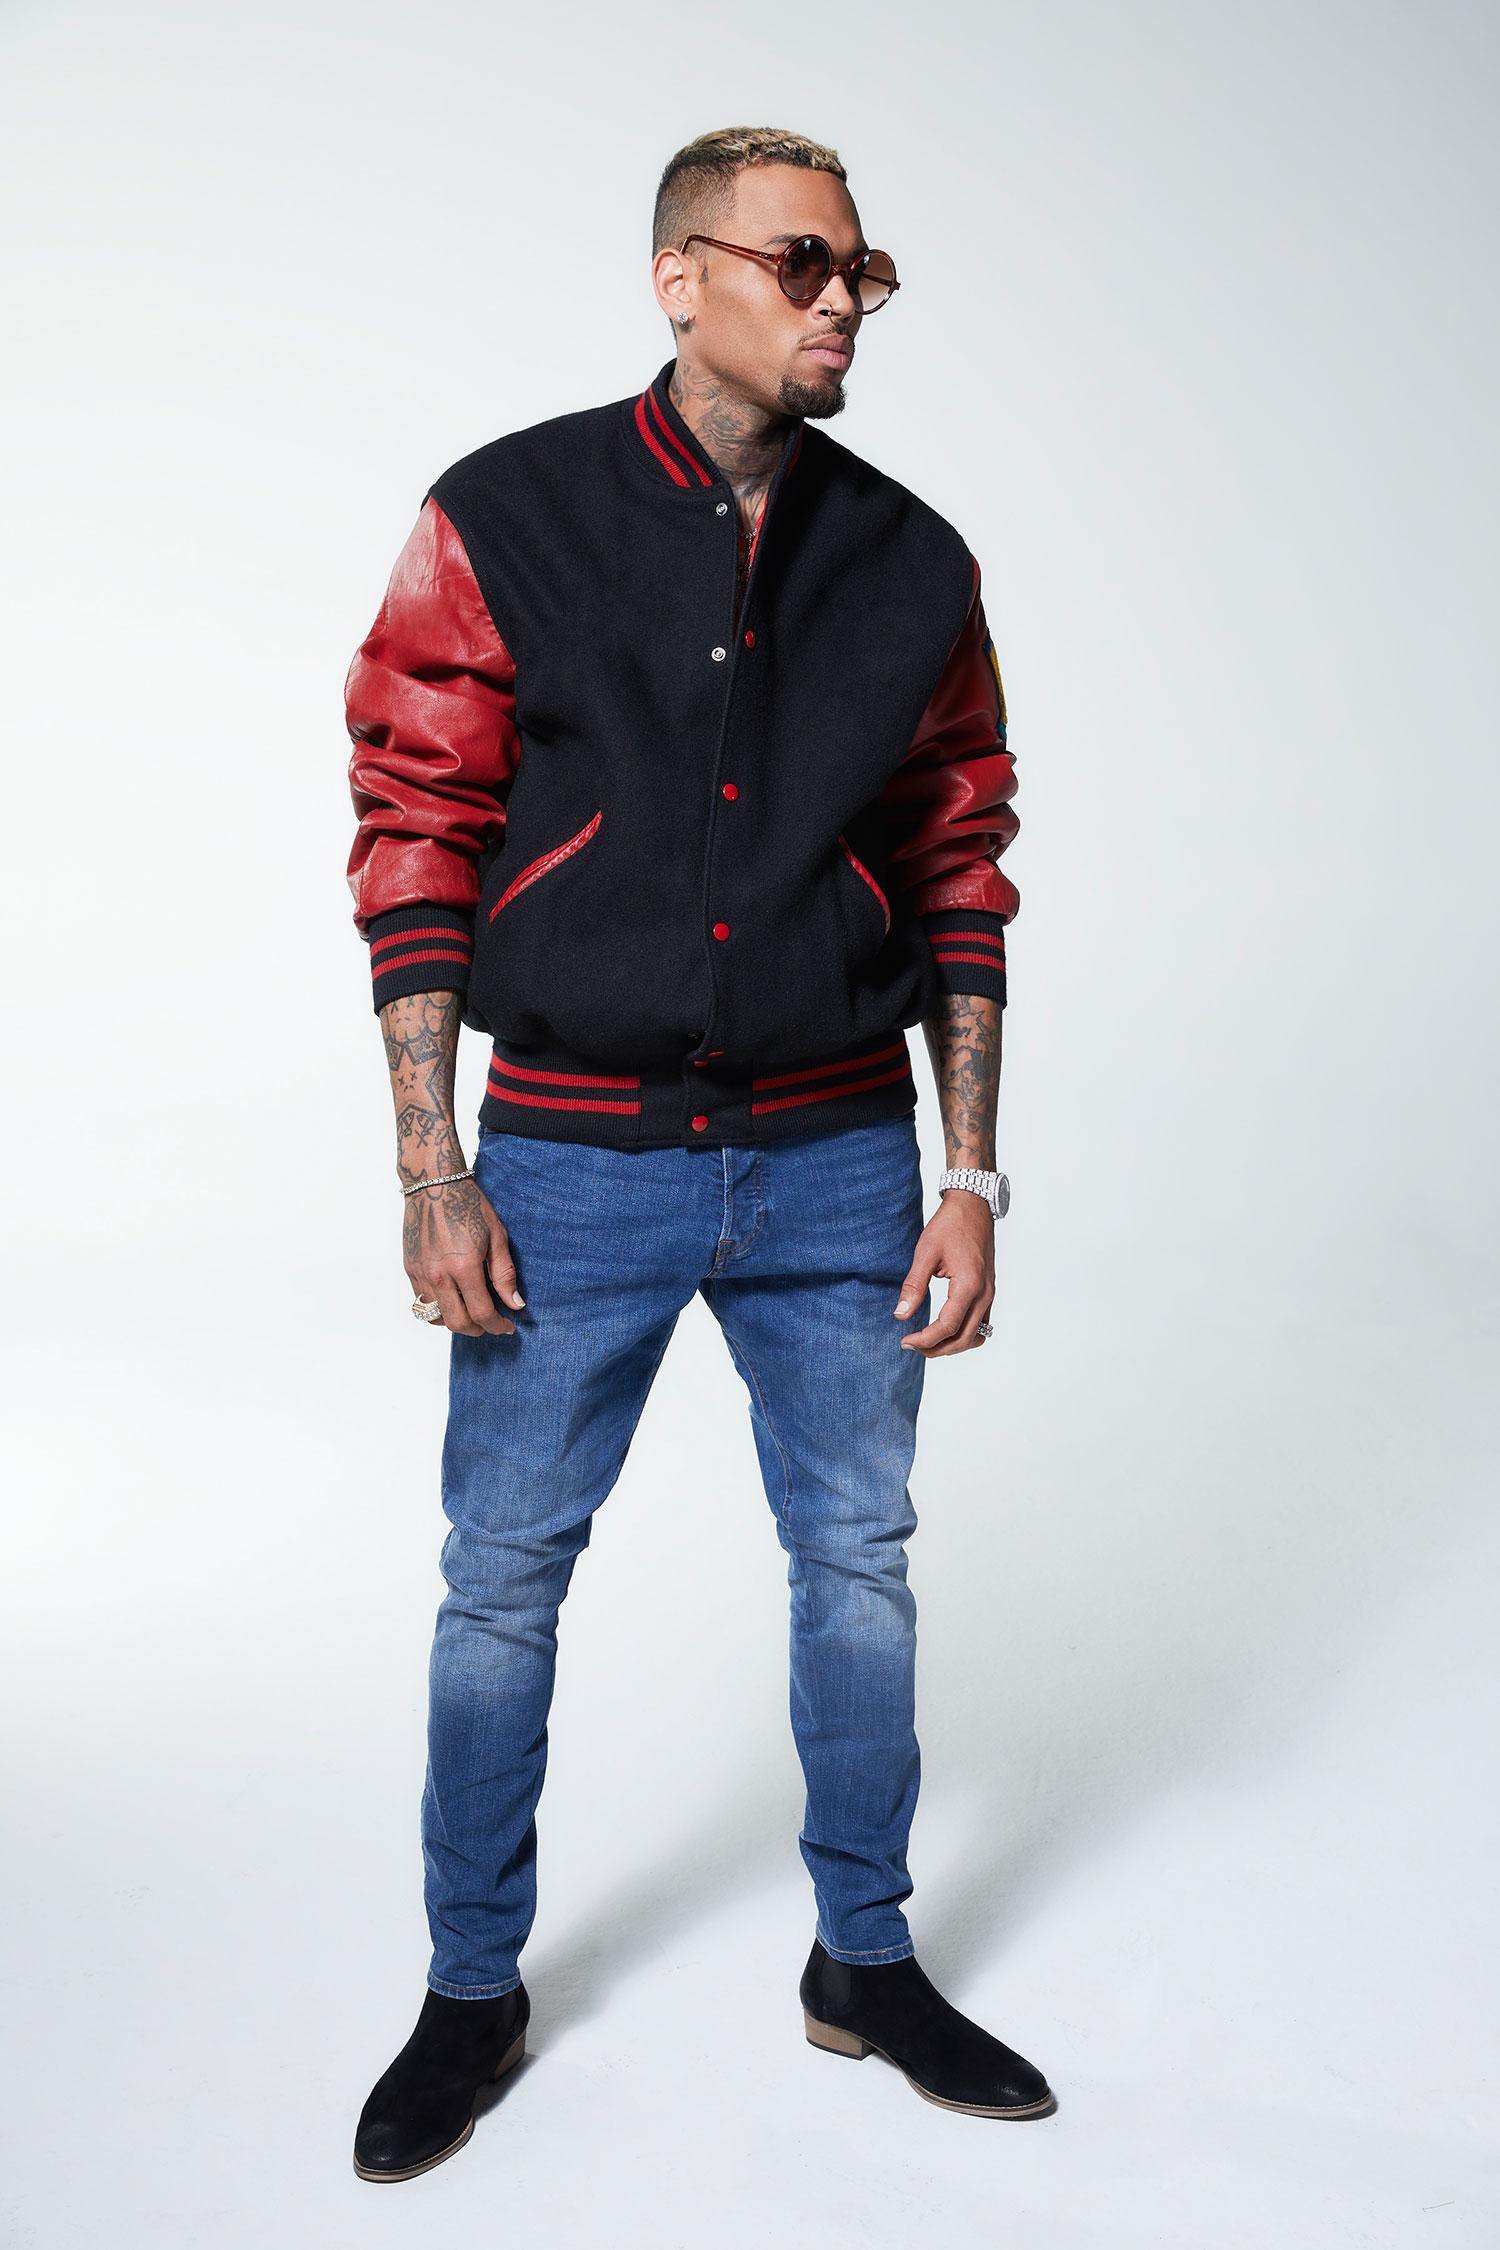 Imagen de Chris Brown músico del género Urbano activo en Los 2000s